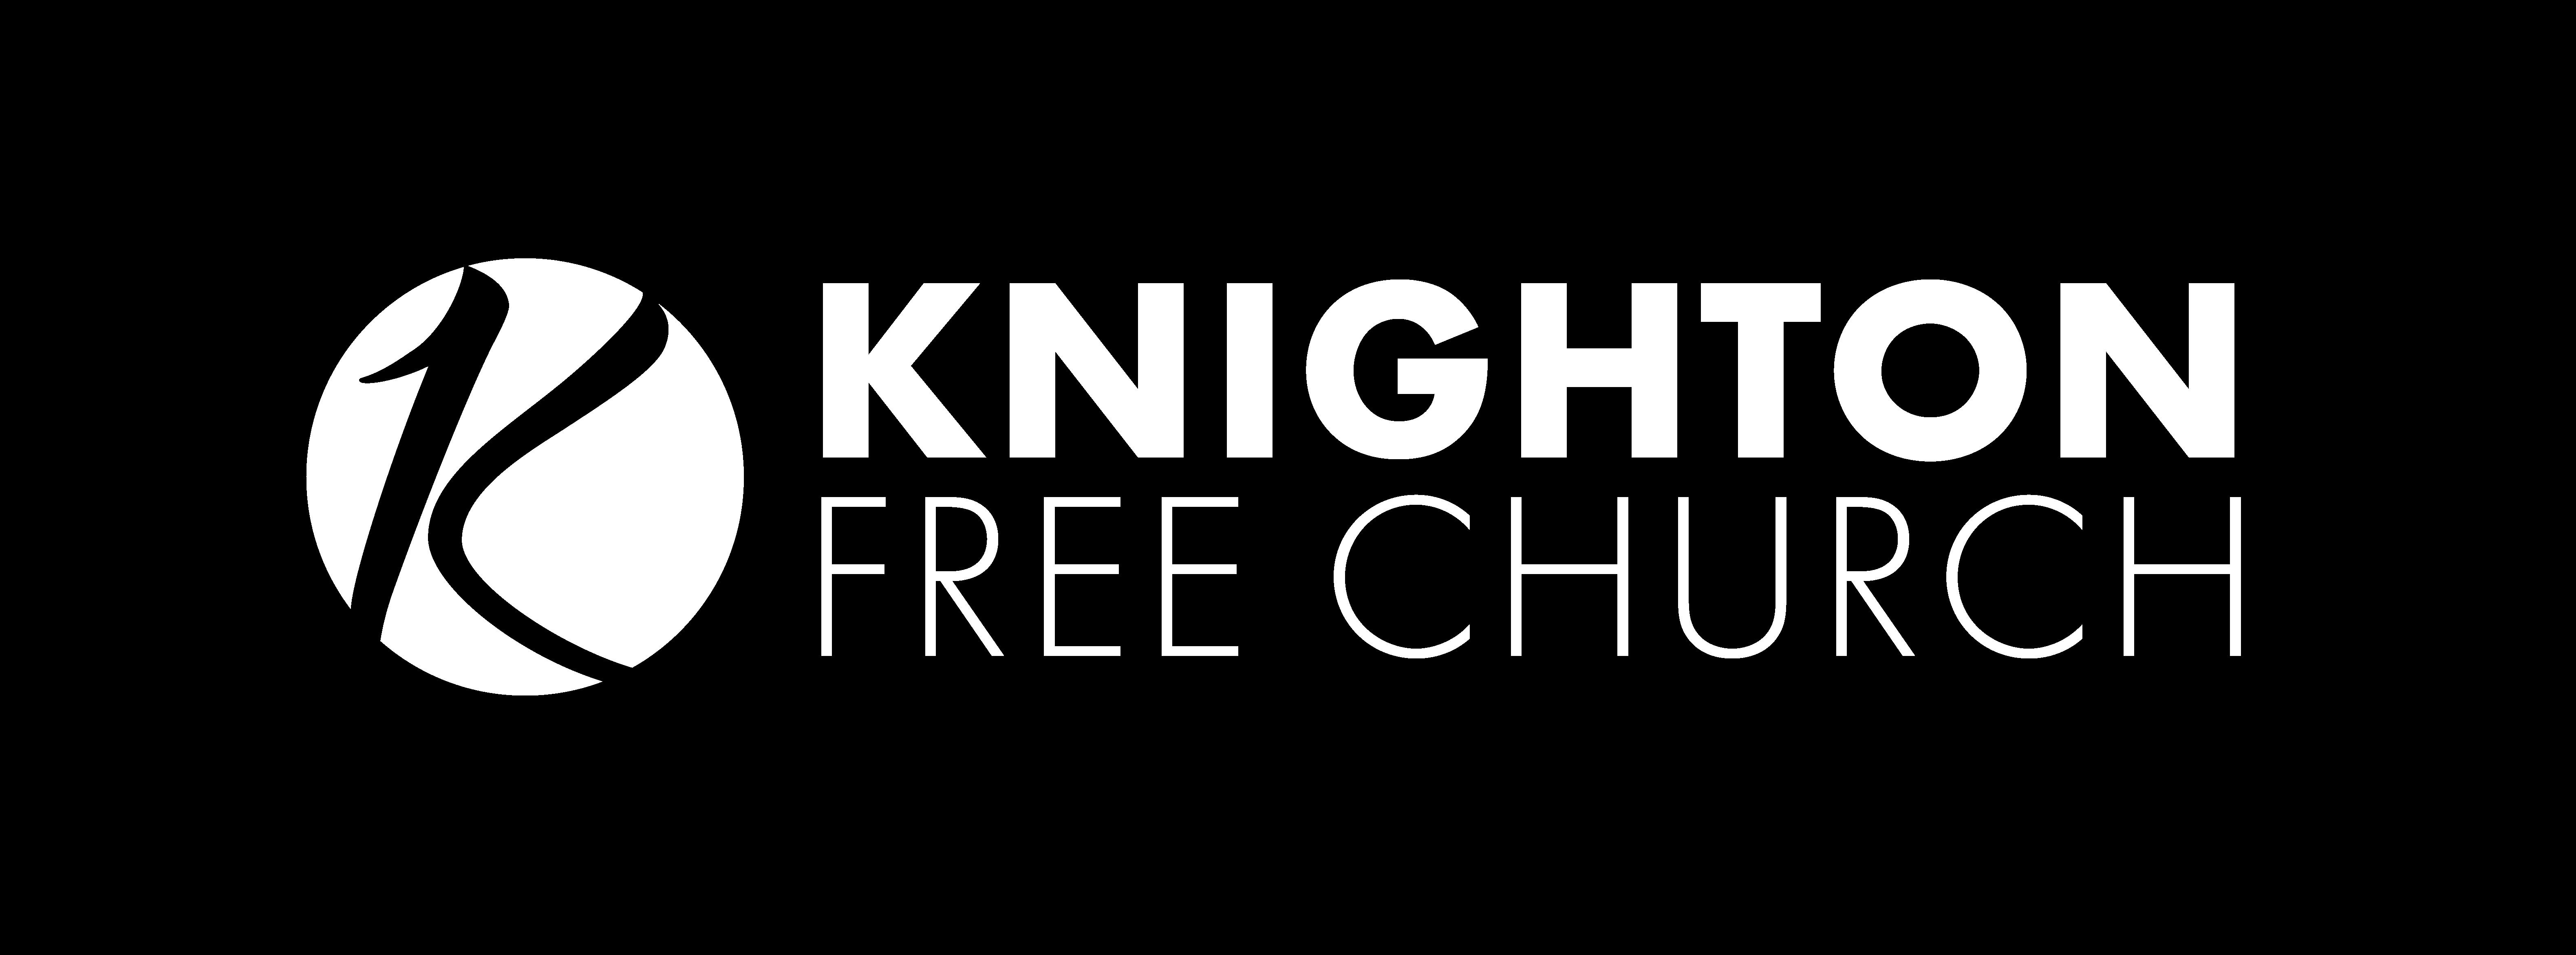 KFC Logos - Knighton Free Church